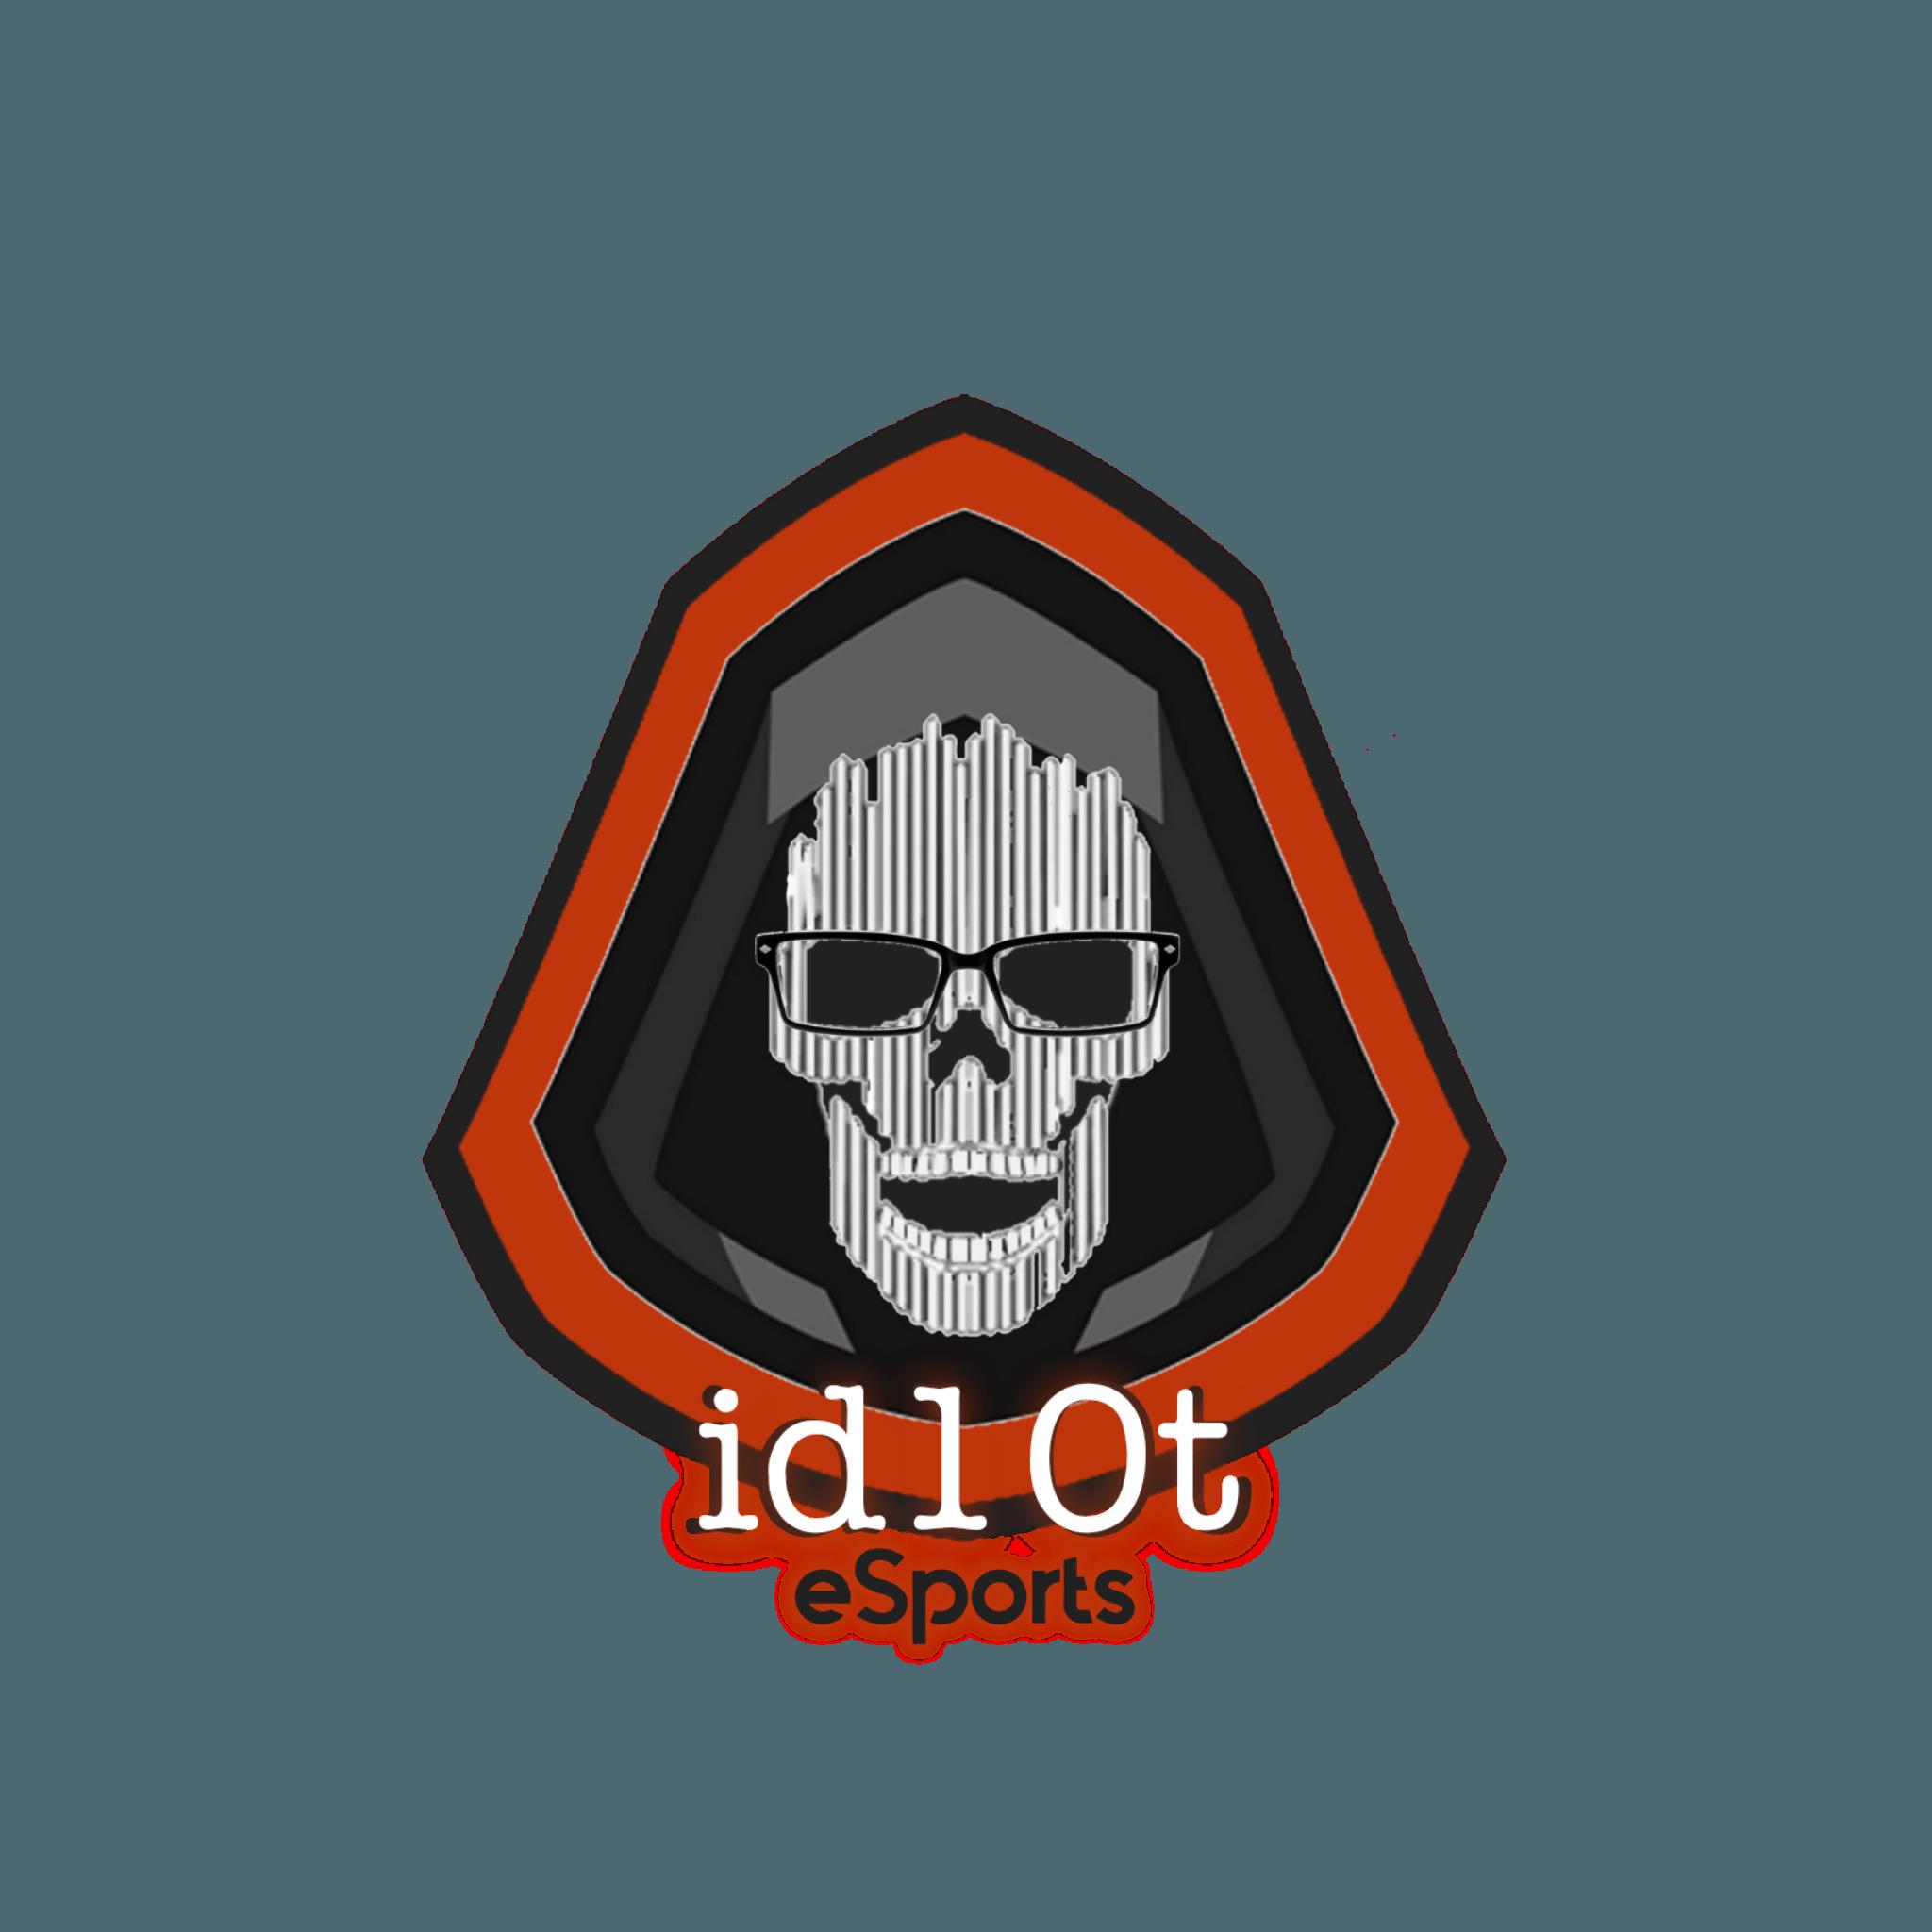 id10t esports